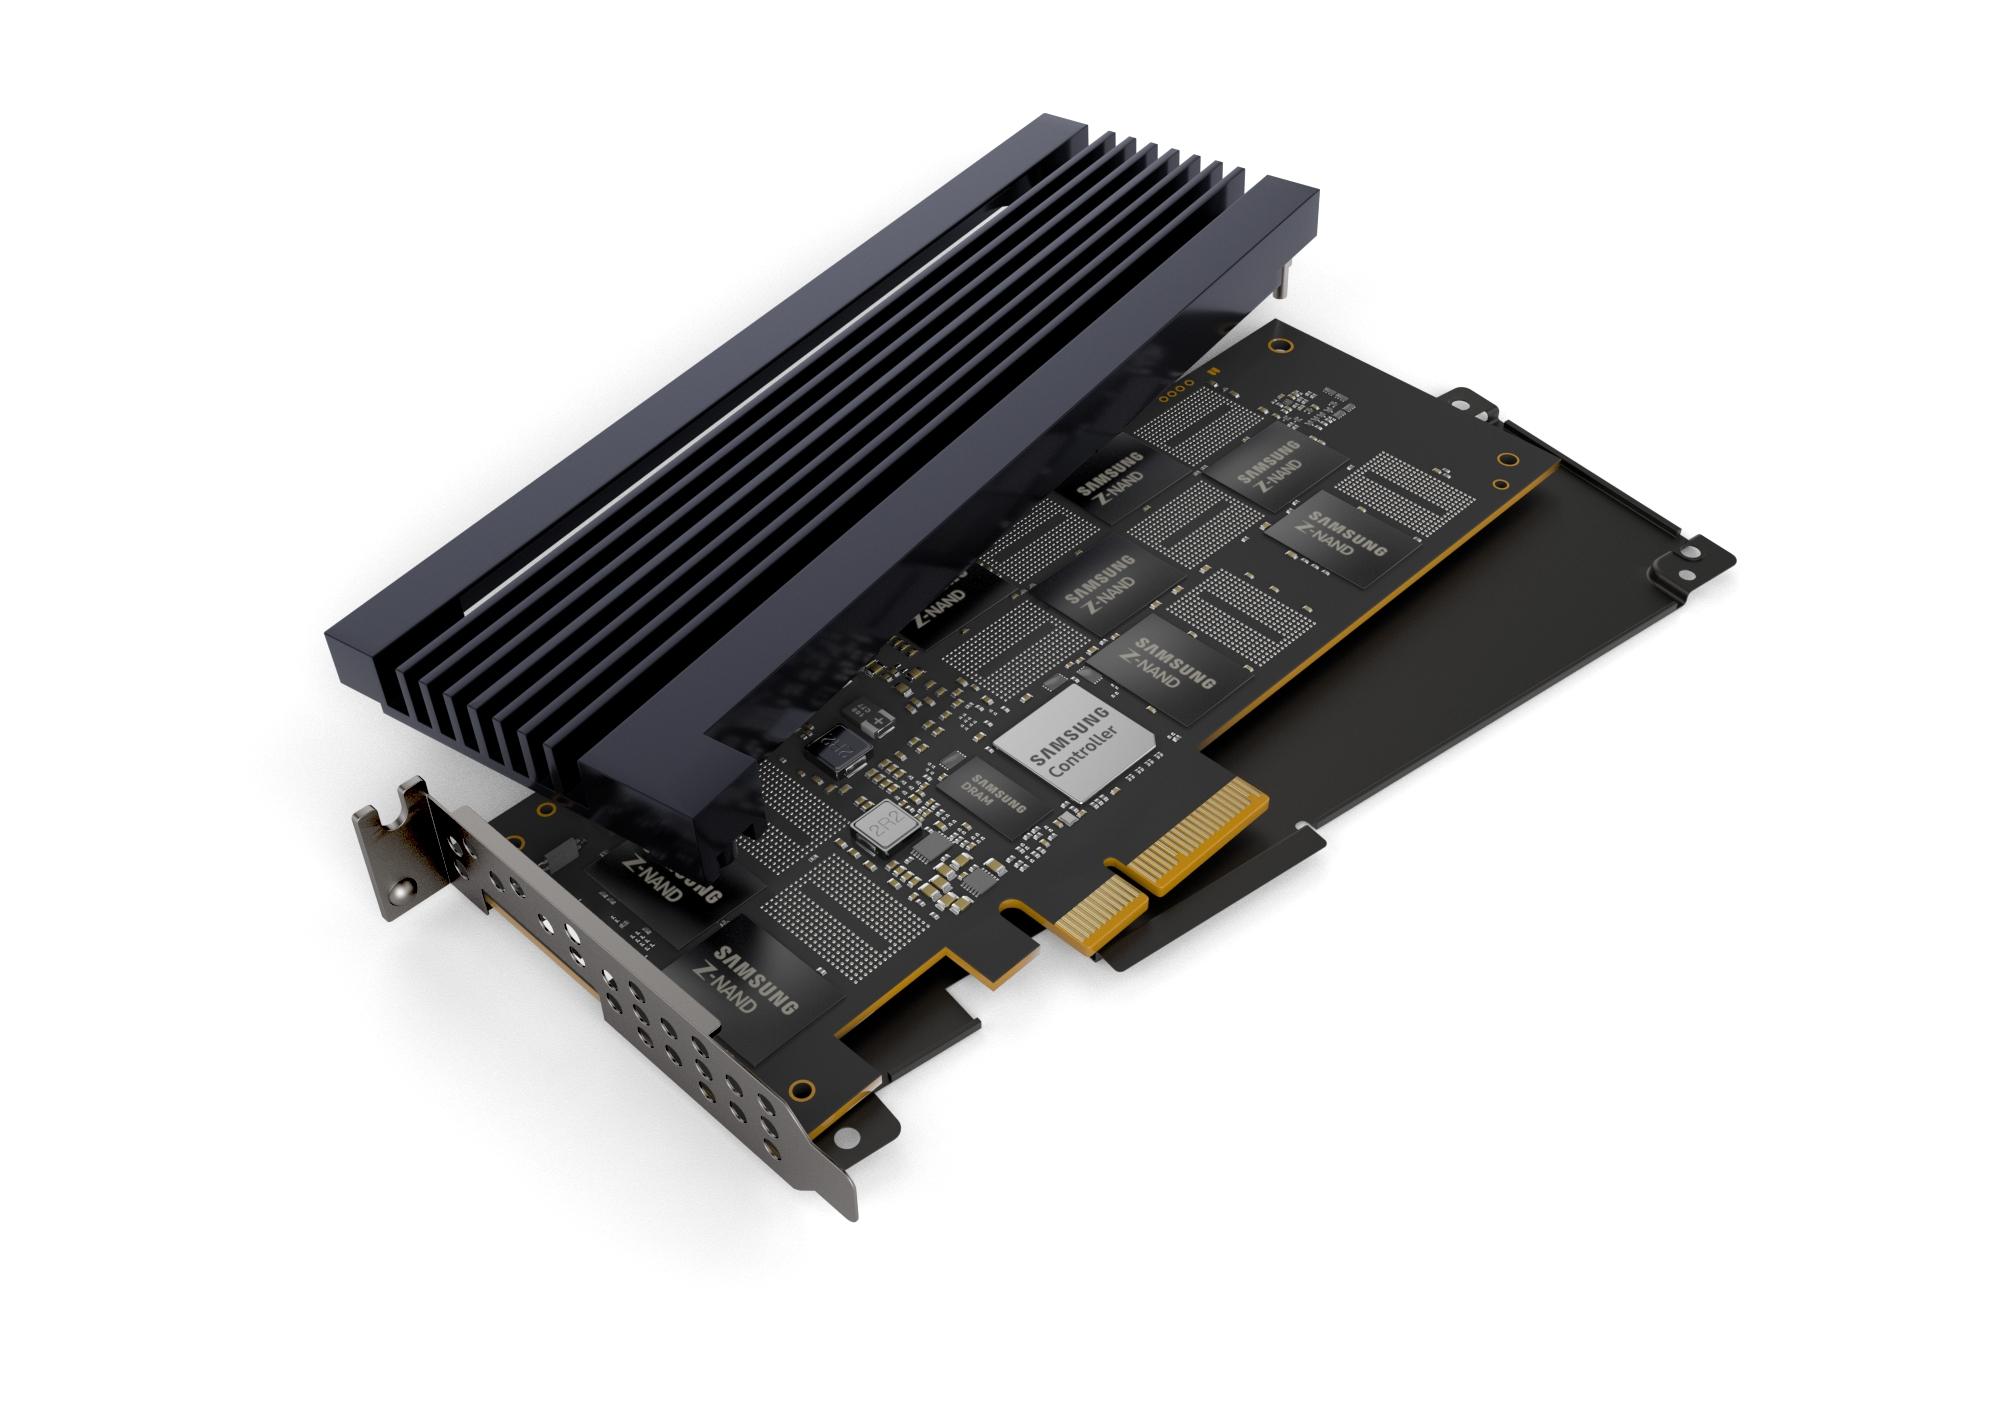 삼성전자가 출시하는 차세대 슈커컴퓨터용 '800GB(기가바이트) Z-SSD' 제품